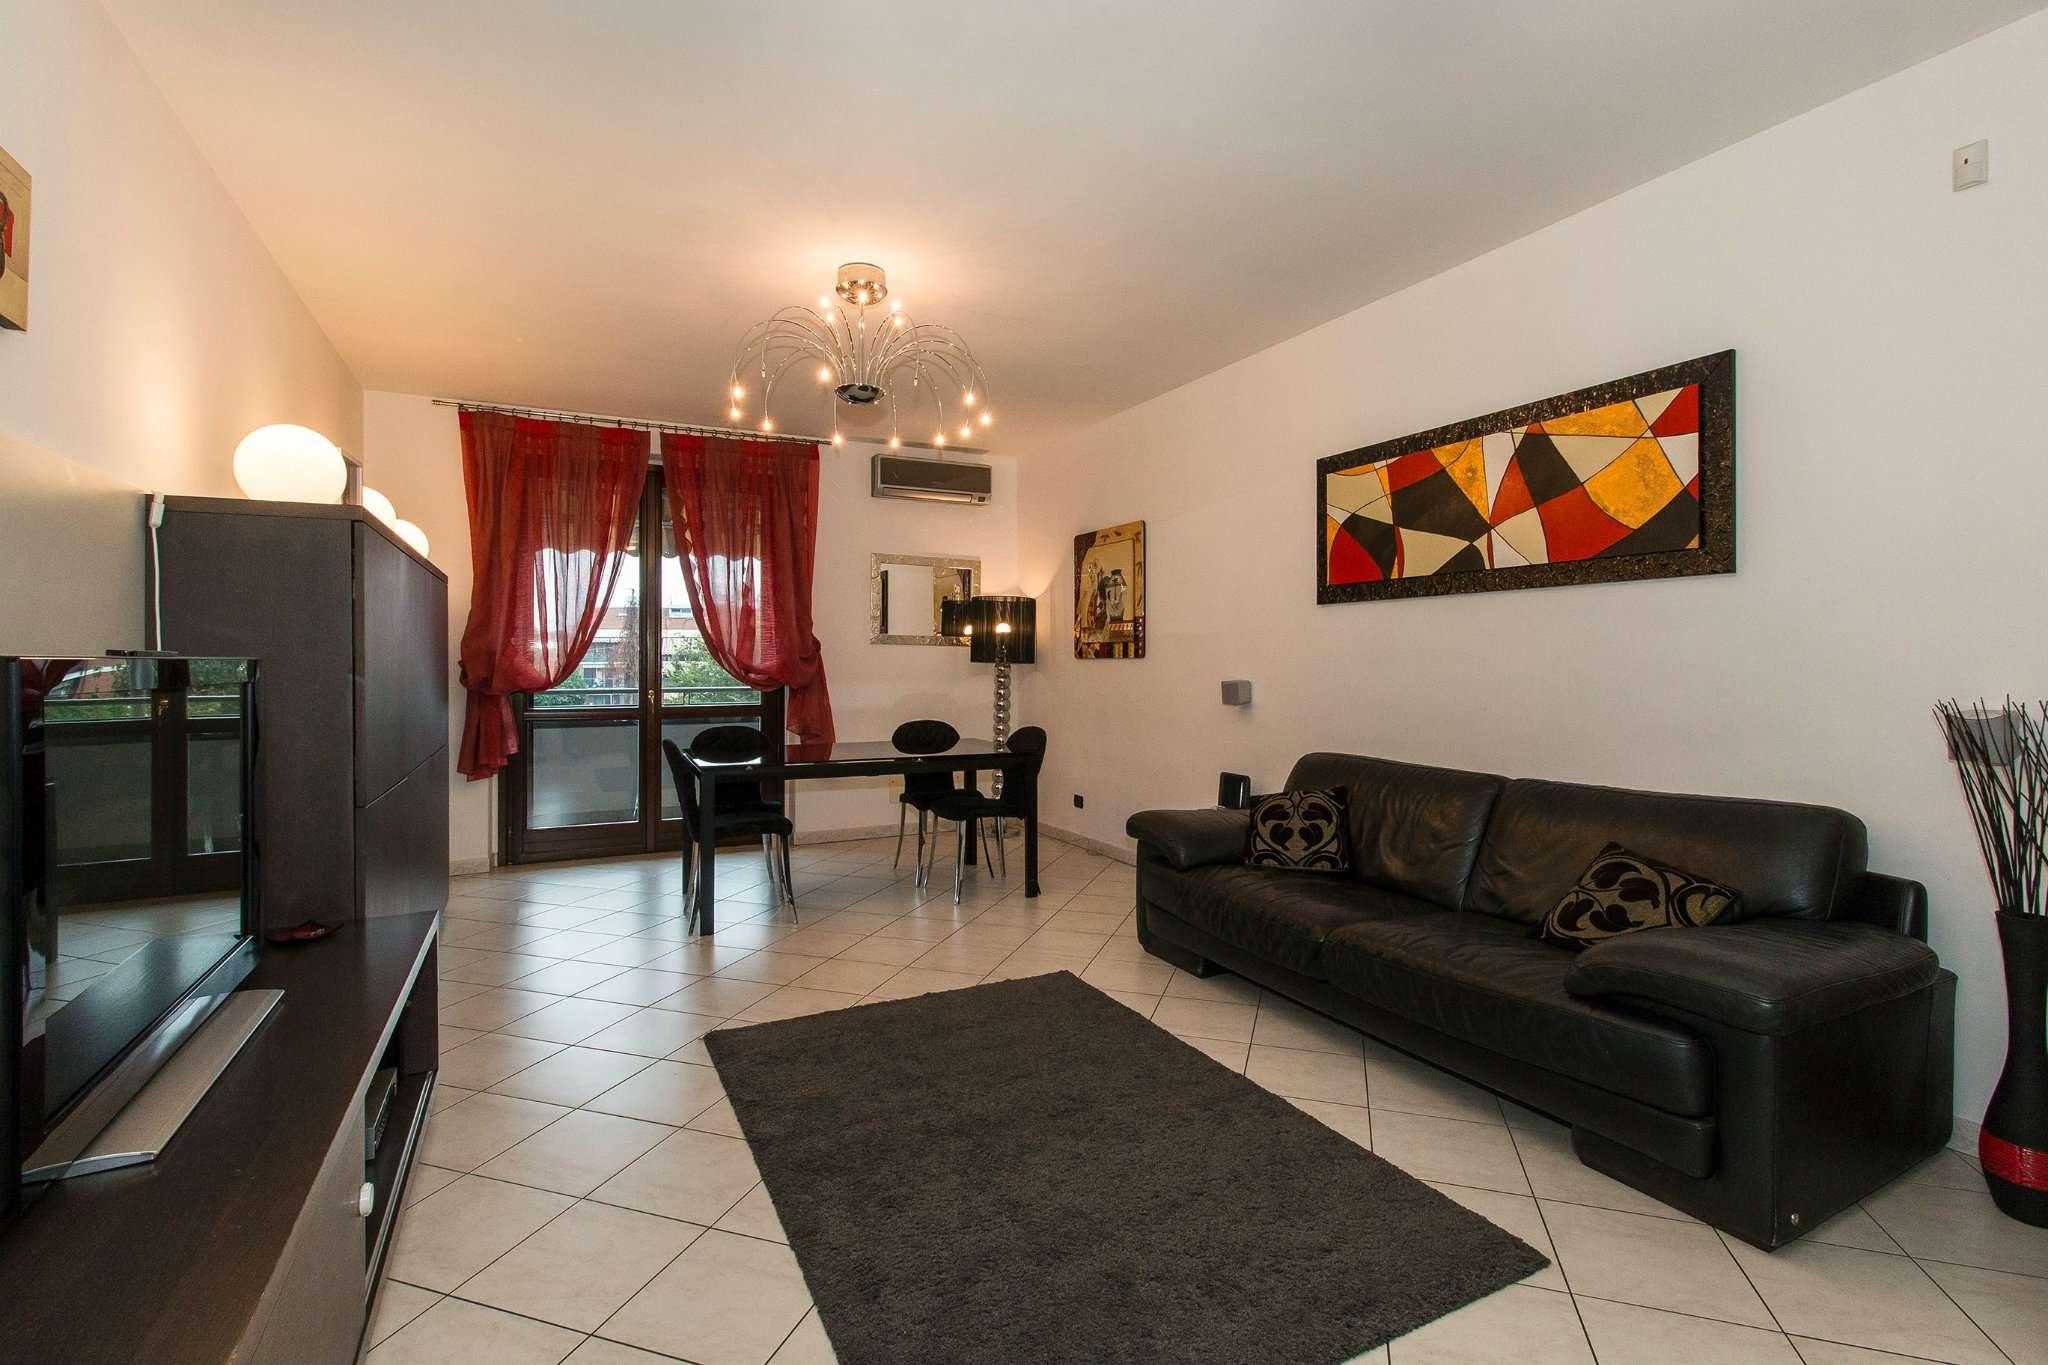 Appartamento in vendita a Alpignano, 4 locali, prezzo € 198.000 | CambioCasa.it